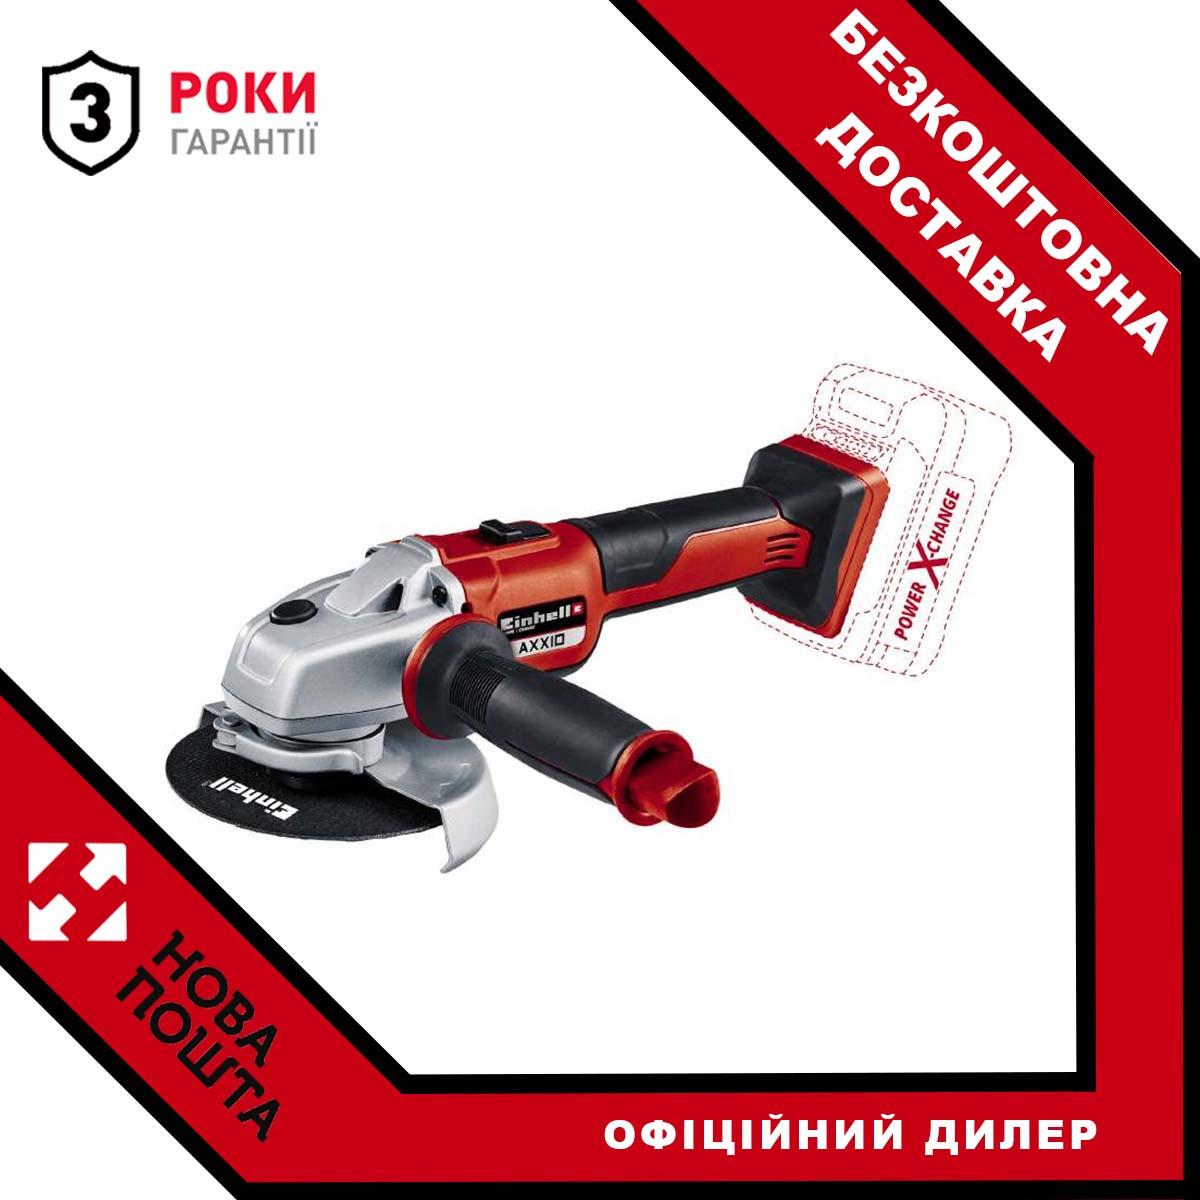 Кутова безщіткова шліфмашина Einhell Axxio-Solo Ø125 мм New